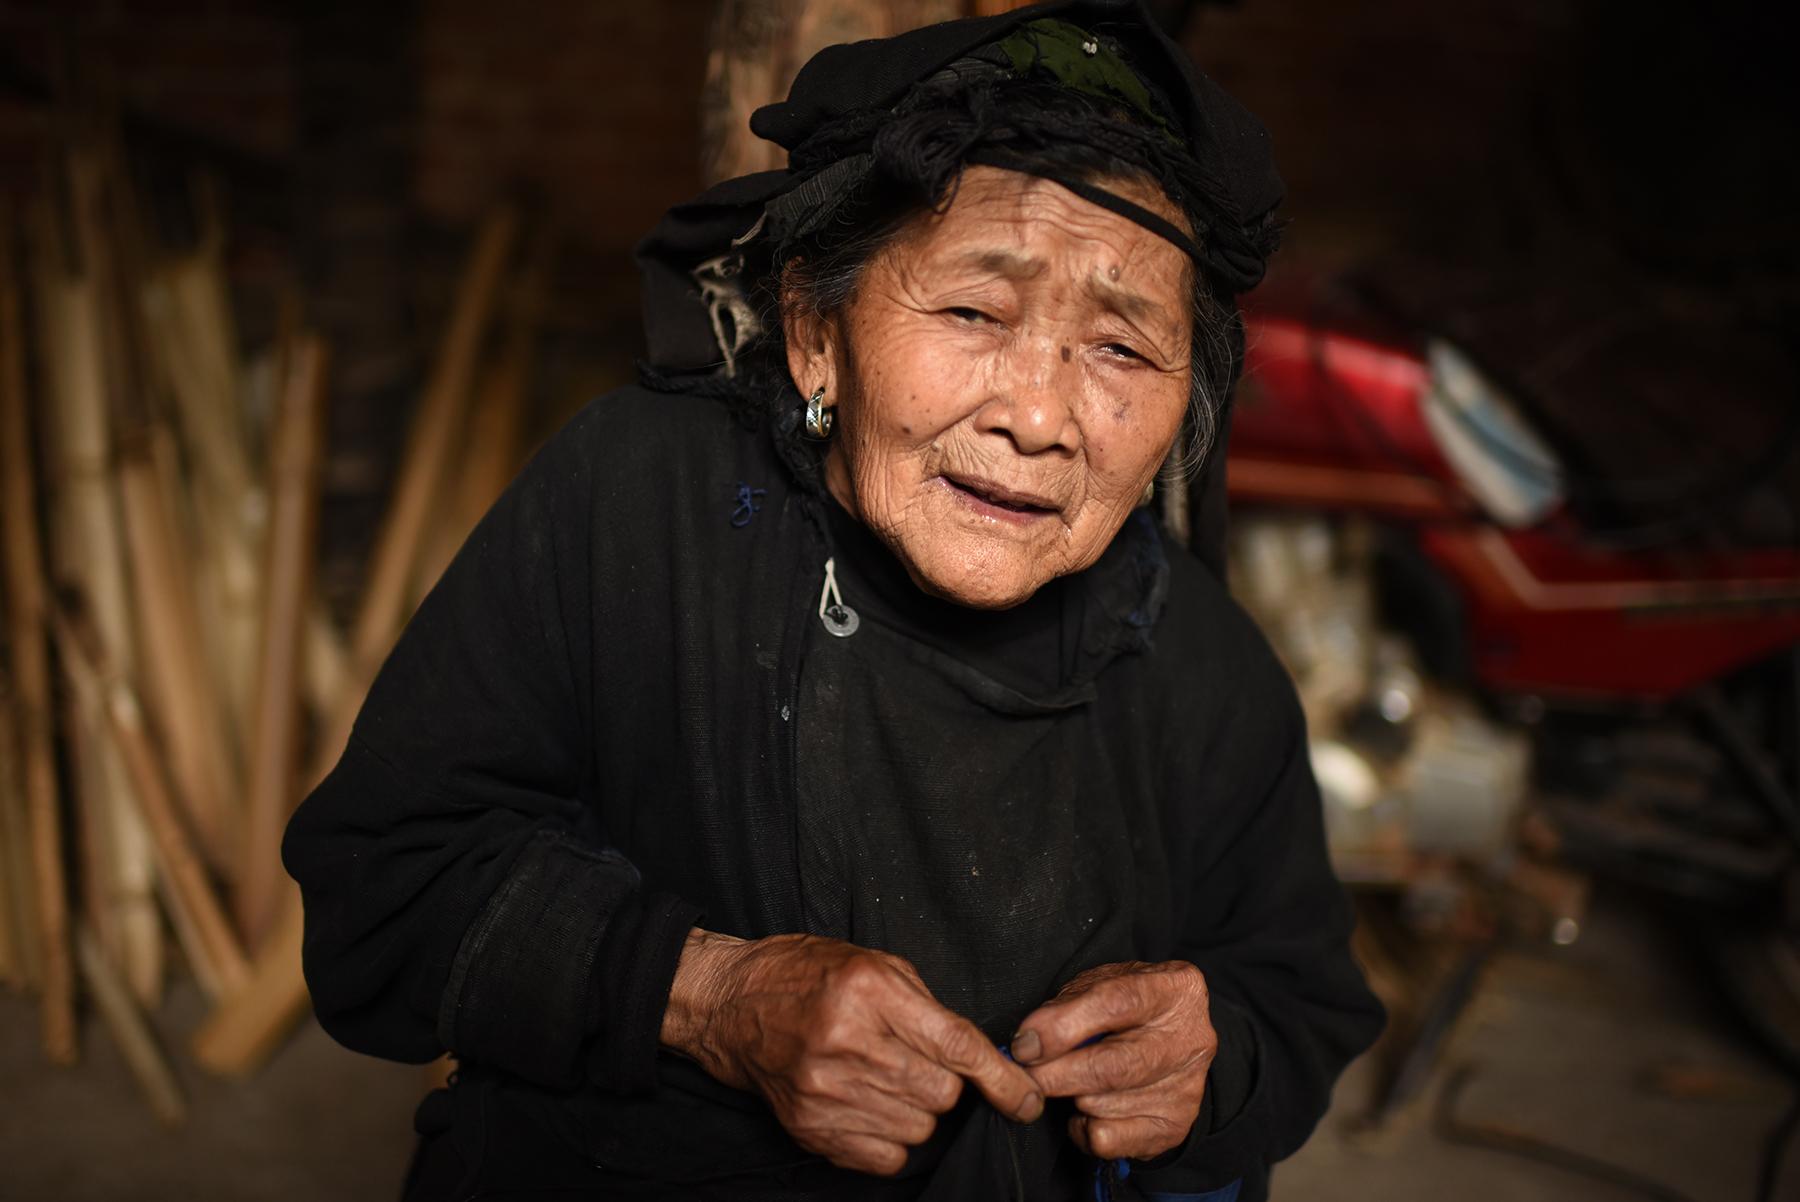 Hani elder, Potuo village, Yunnan, 2017